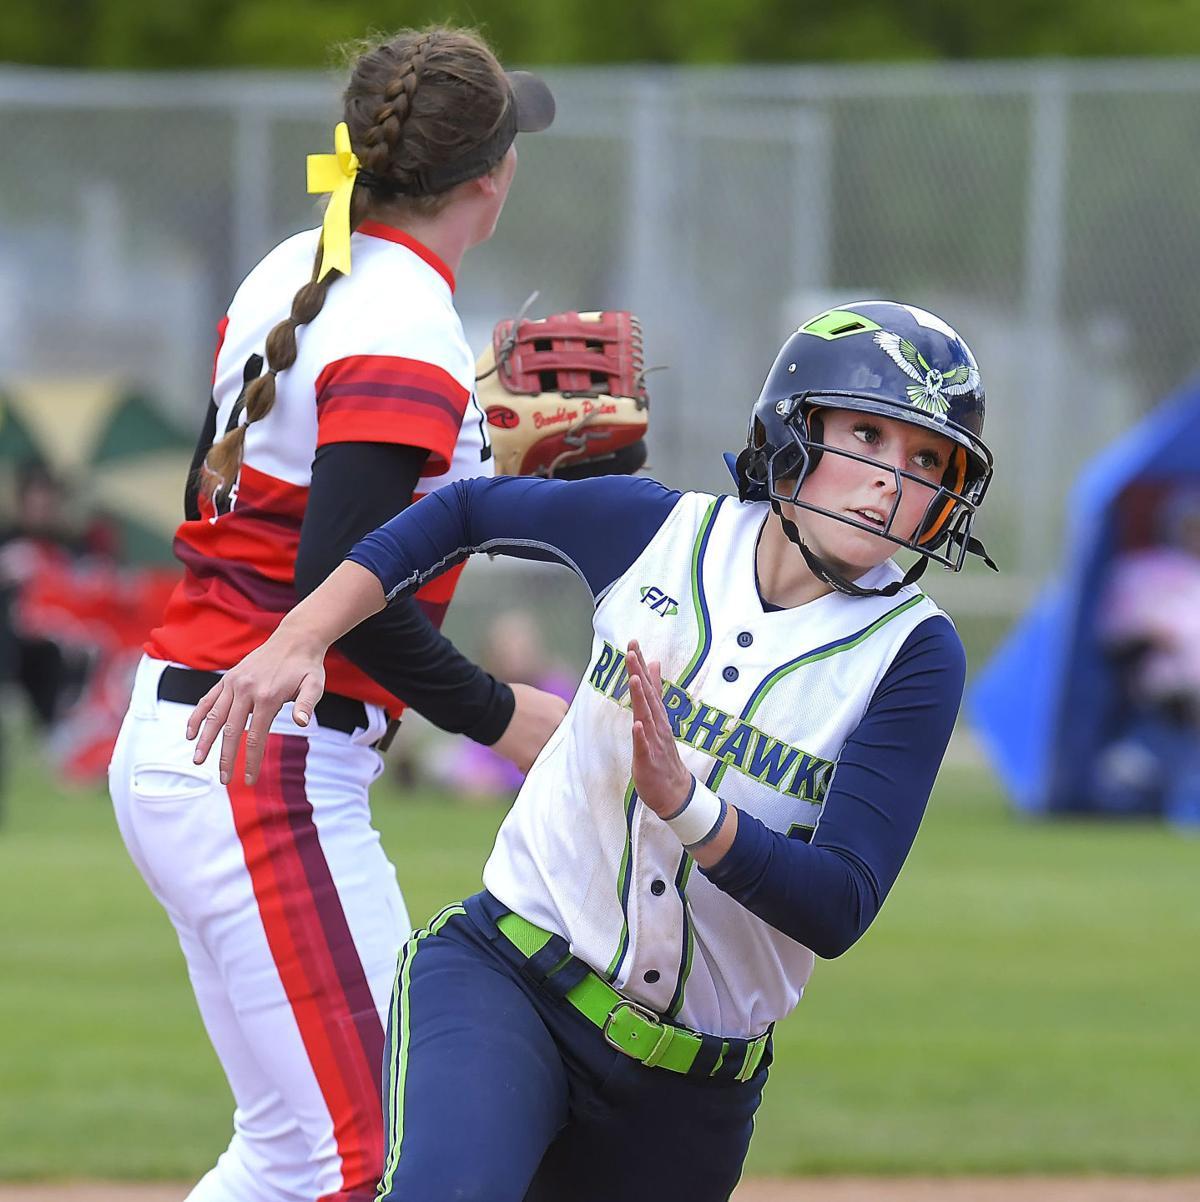 Ridgeline Spanish Fork Softball MAIN